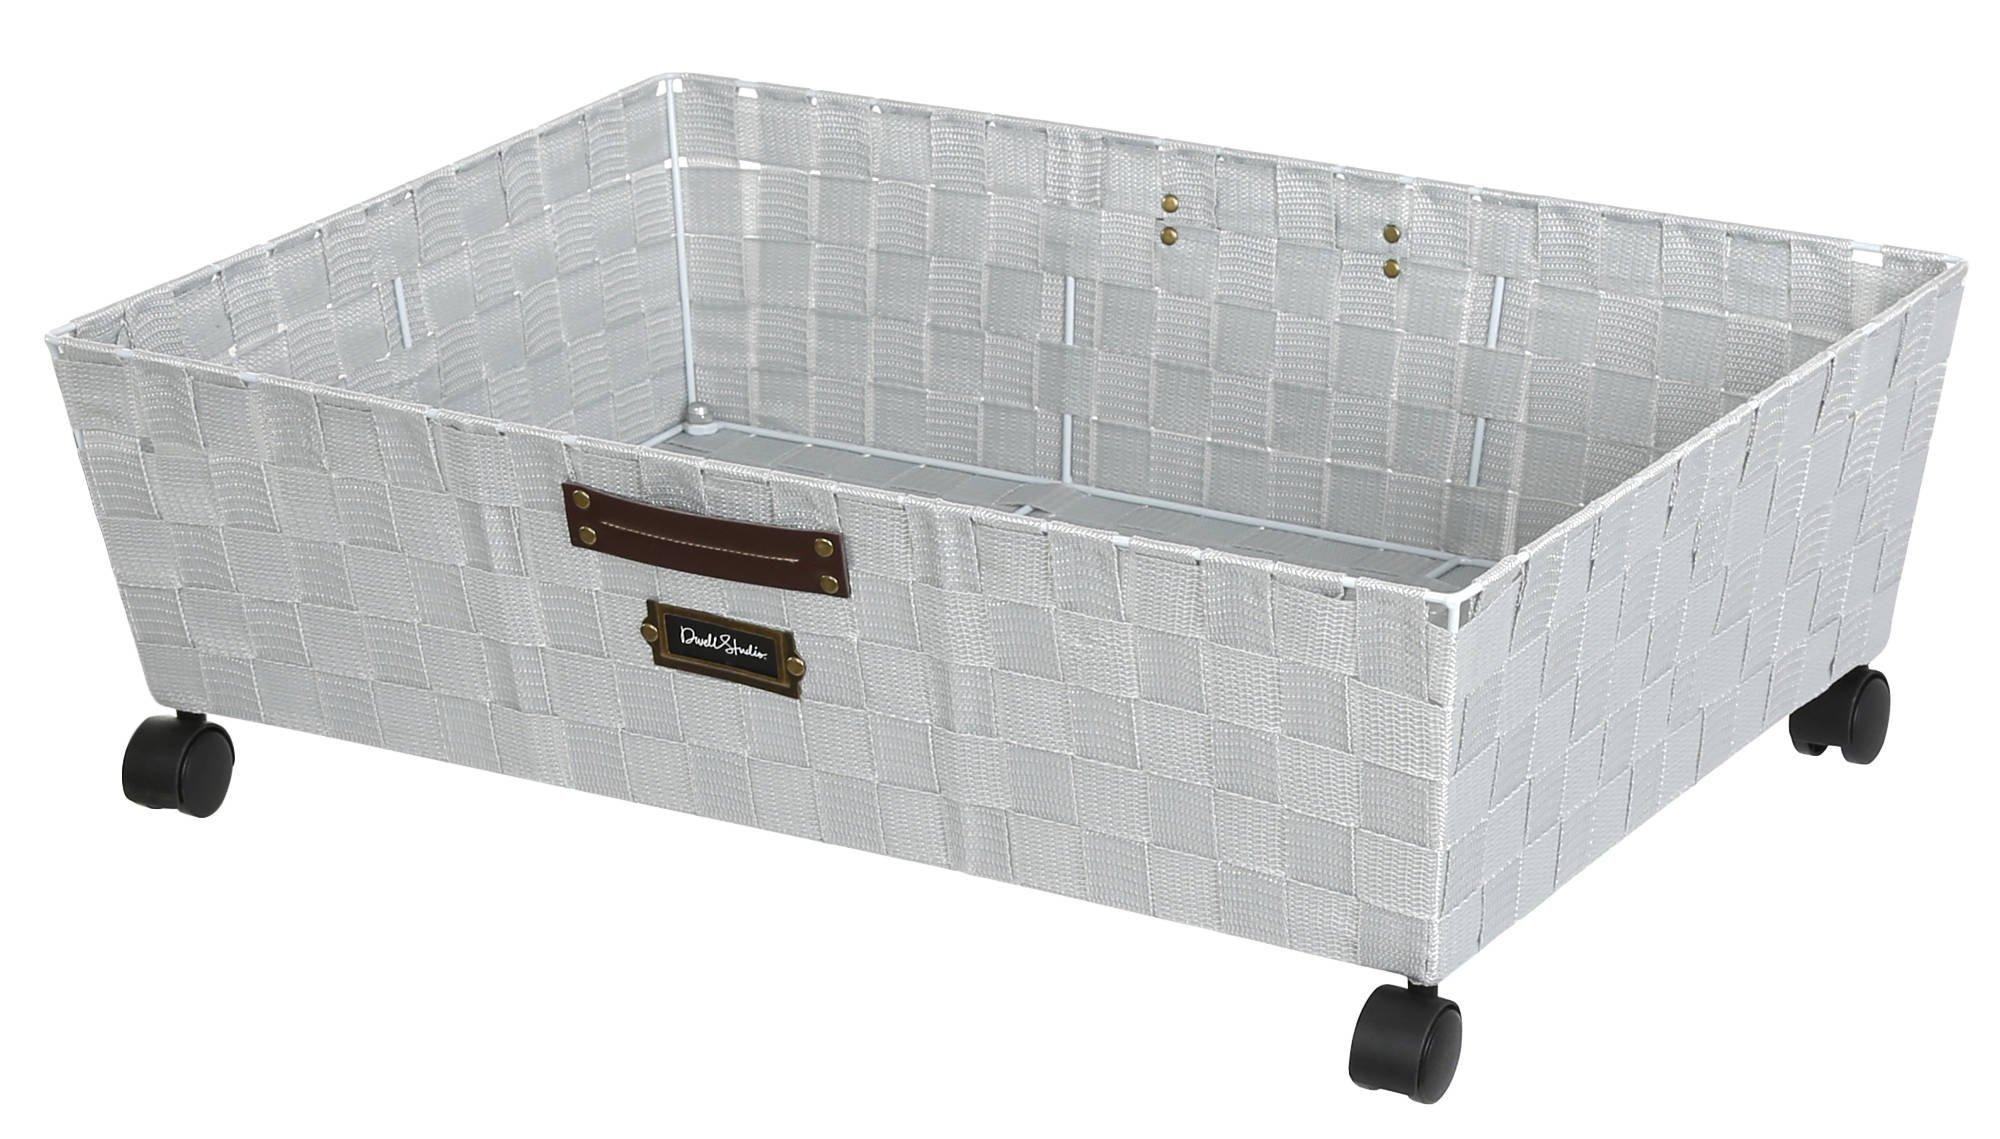 Woven Strap Under The Bed Storage Basket W Wheels Cool Grey Bed Storage Under Bed Storage Storage Baskets